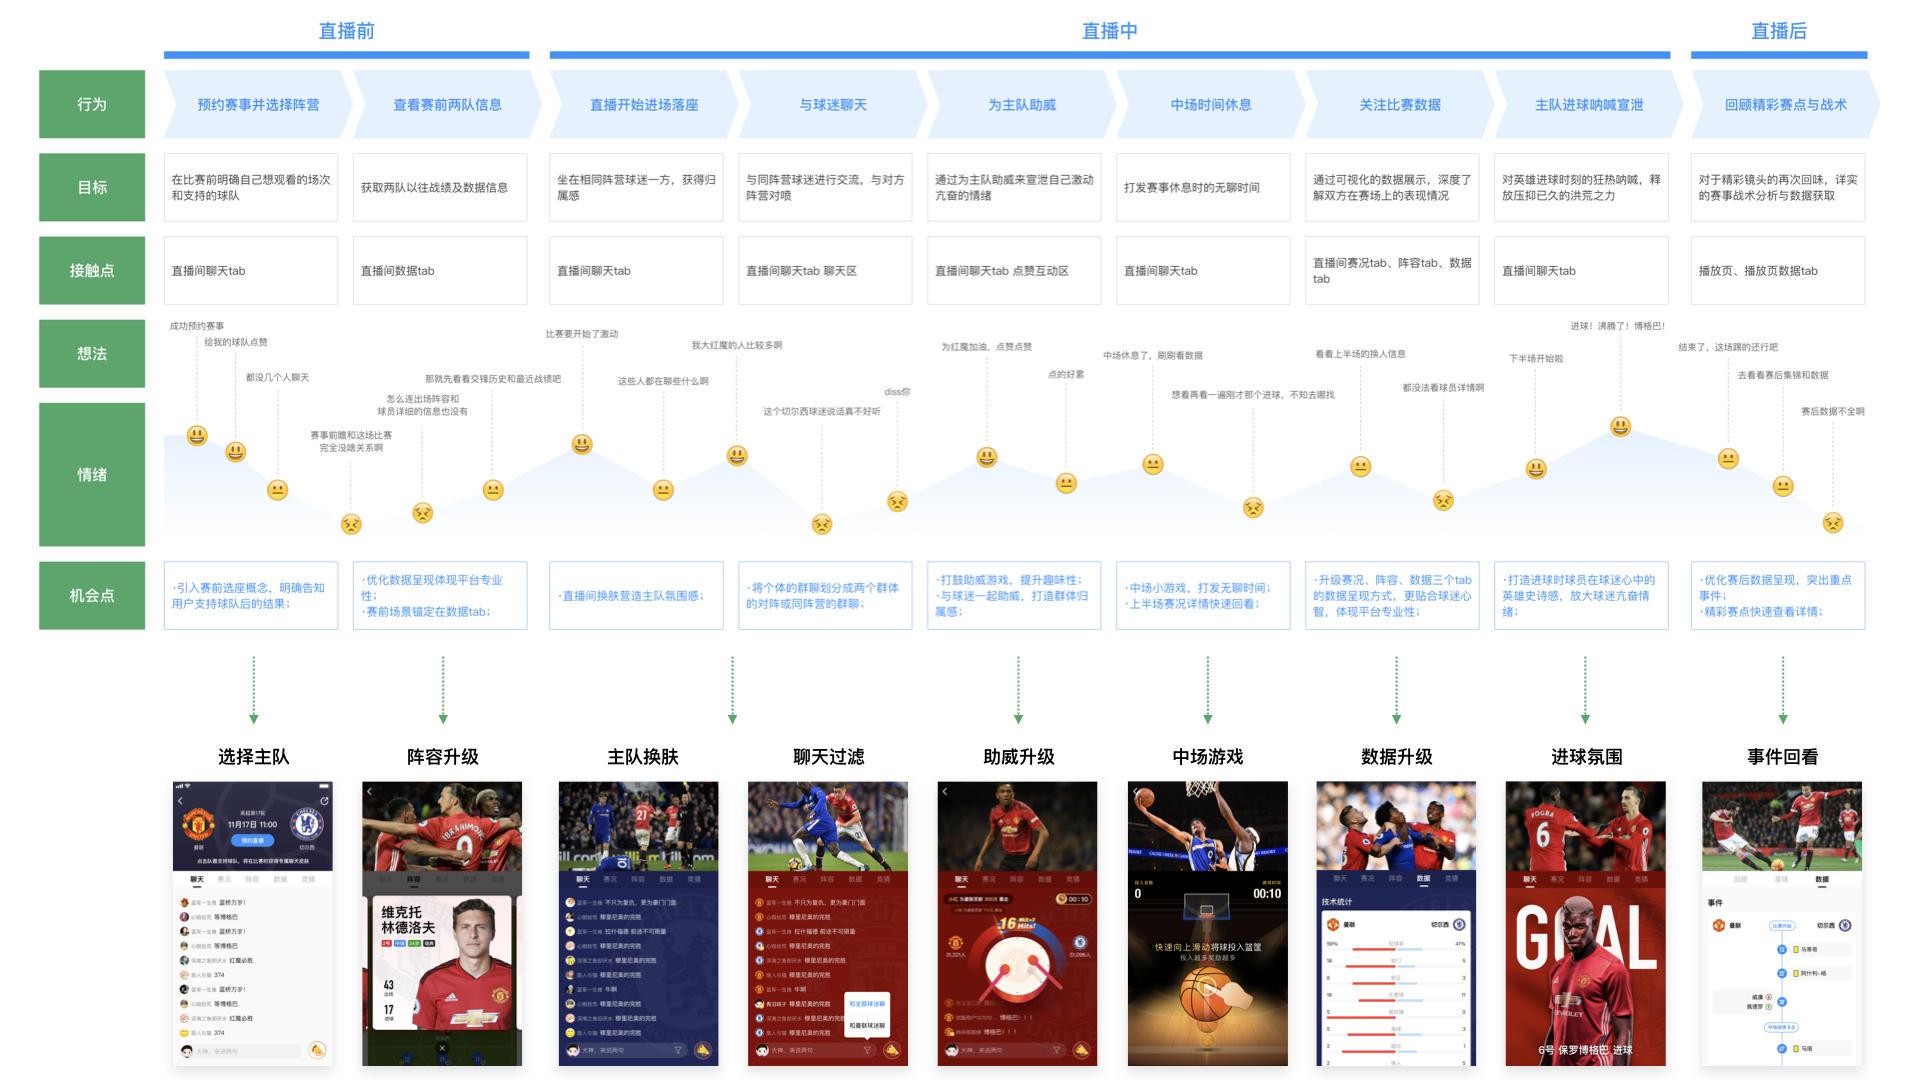 用优酷体育直播的实战案例,为你展示一个专业的改版设计过程